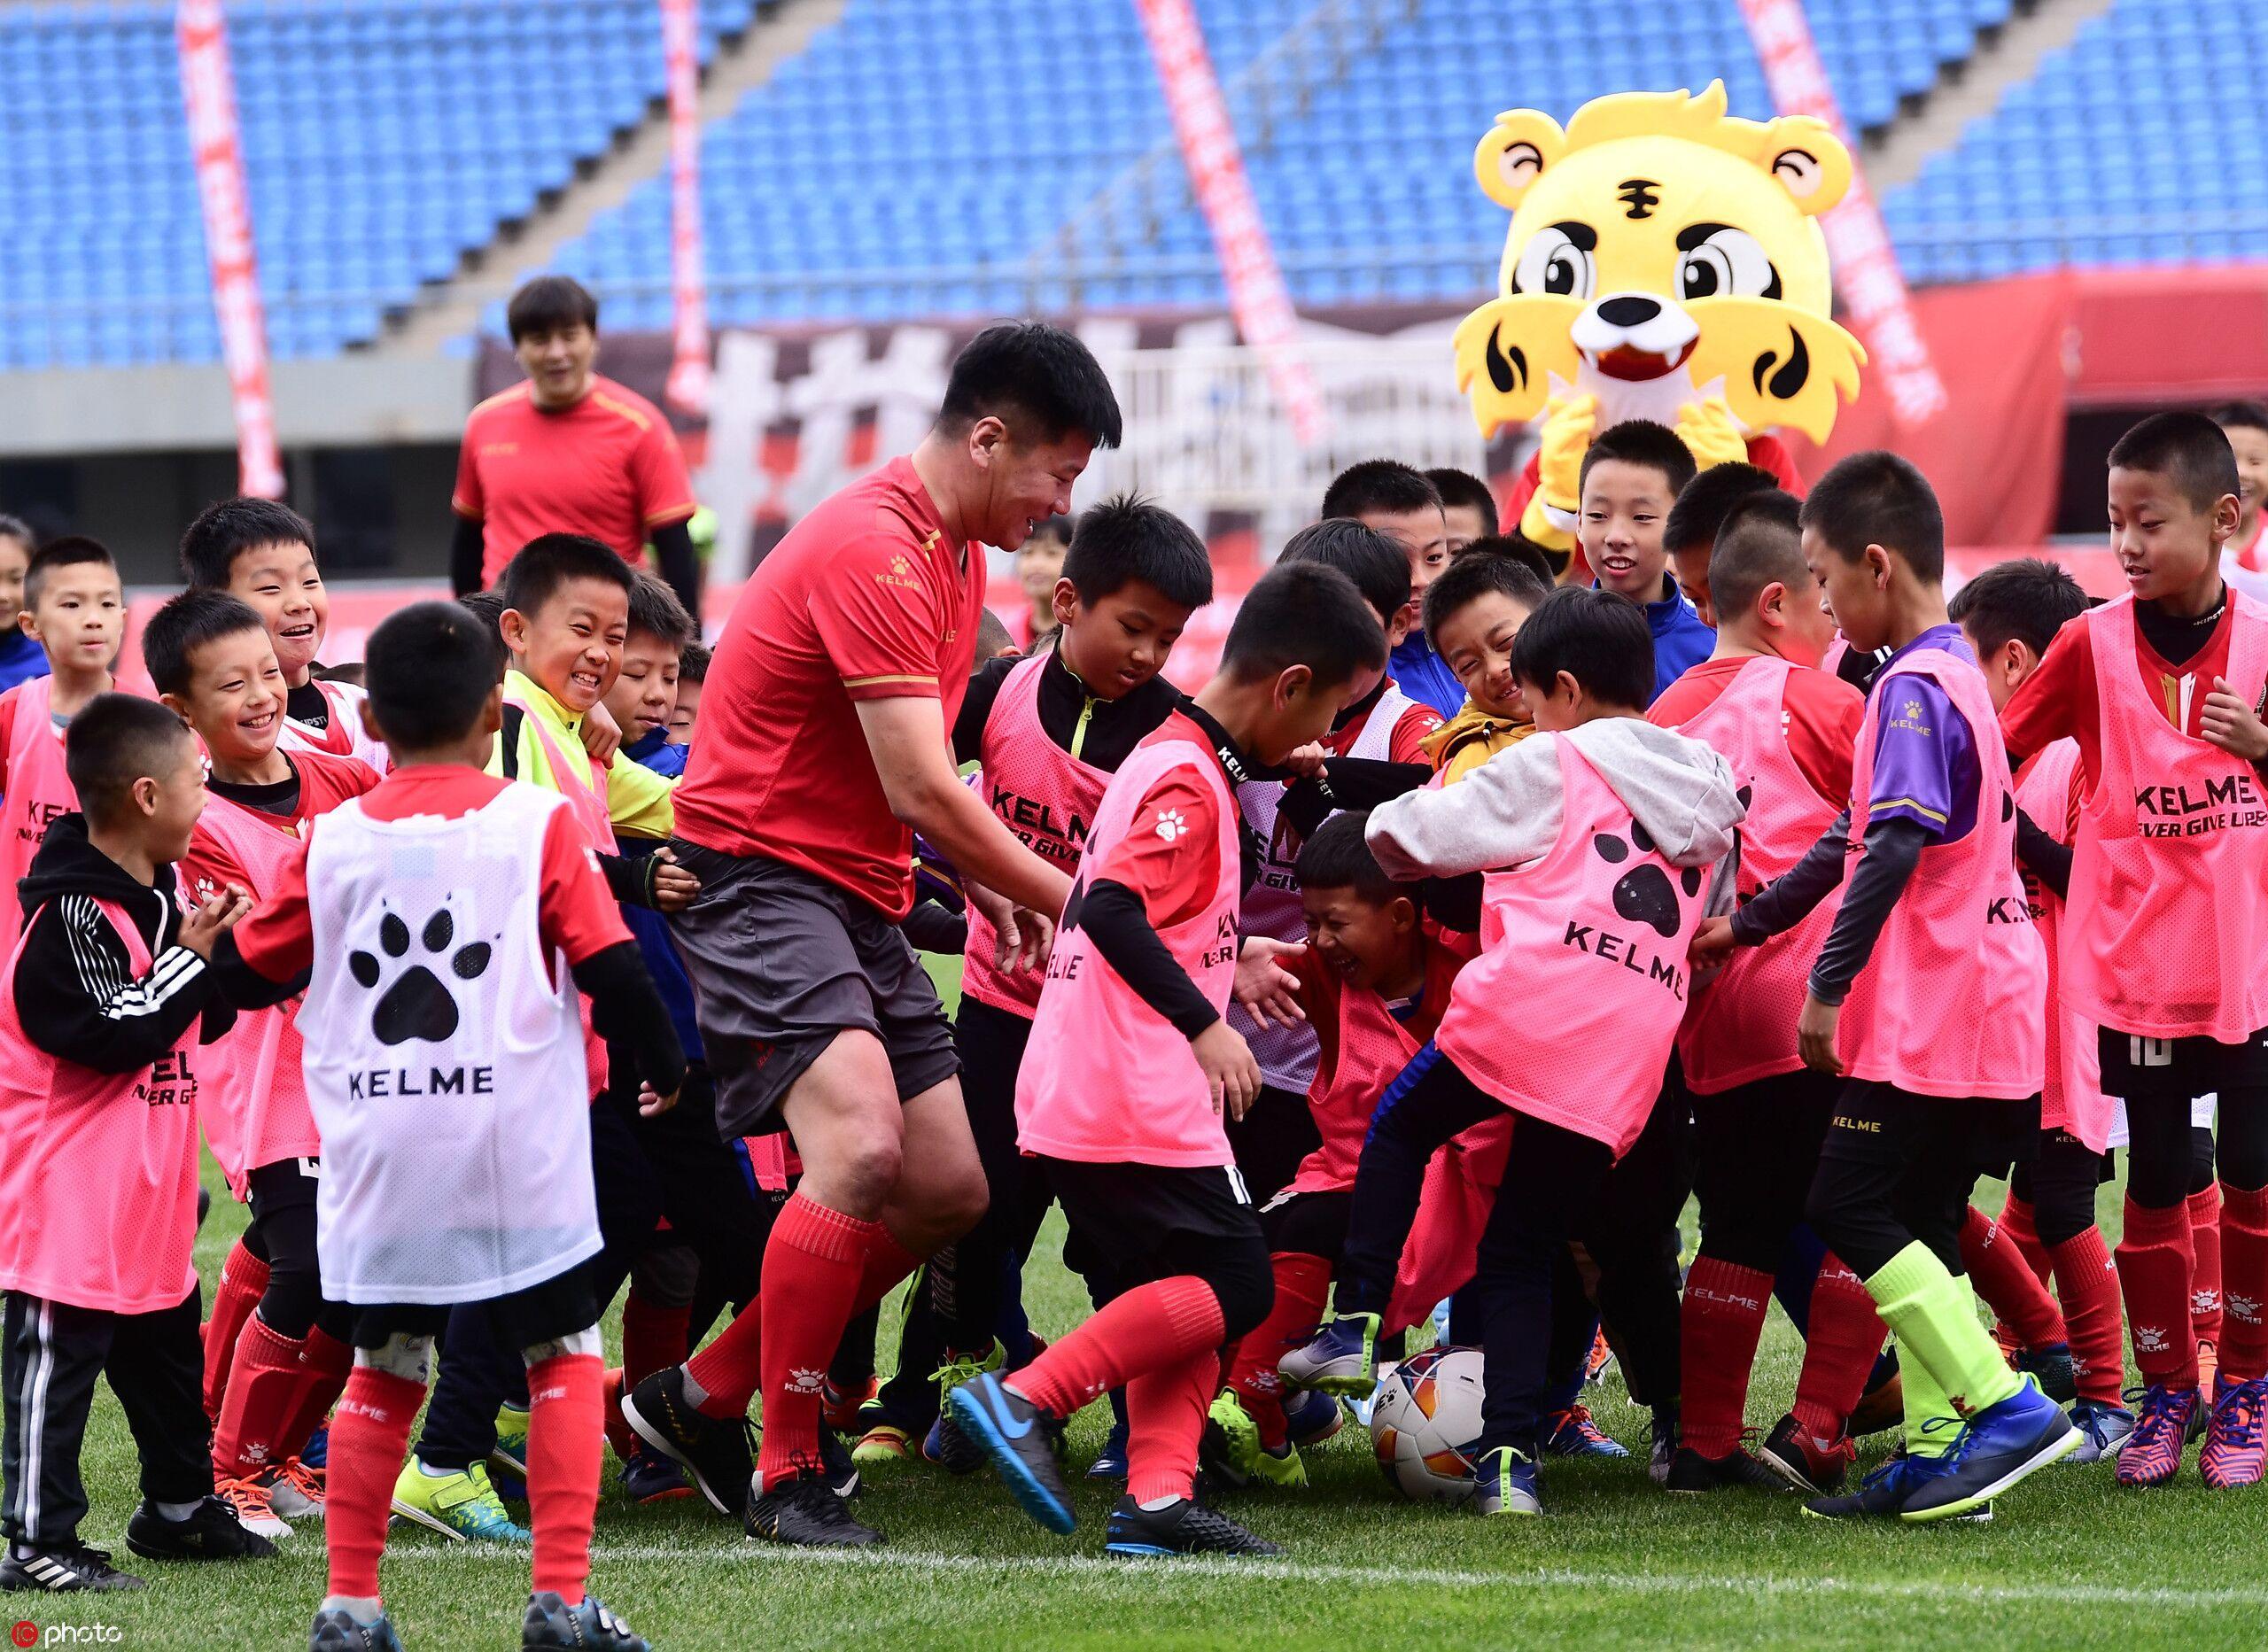 多图流:李金羽、肇俊哲、张玉宁三人对决50位足球少年